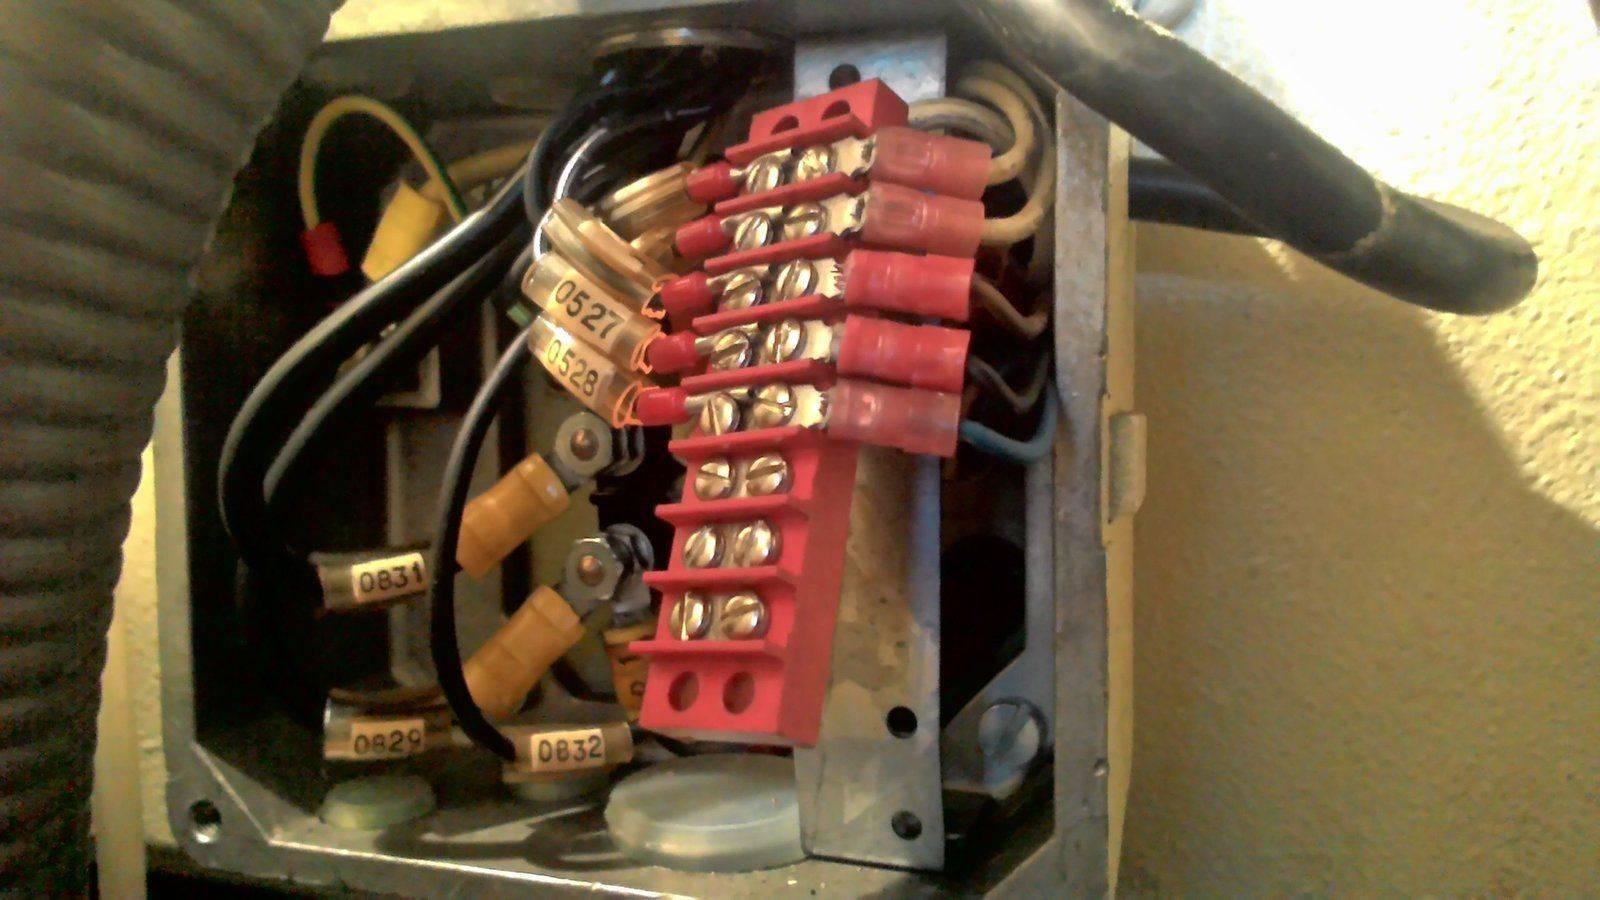 Moteur T 200 07 boitier electrique.jpg